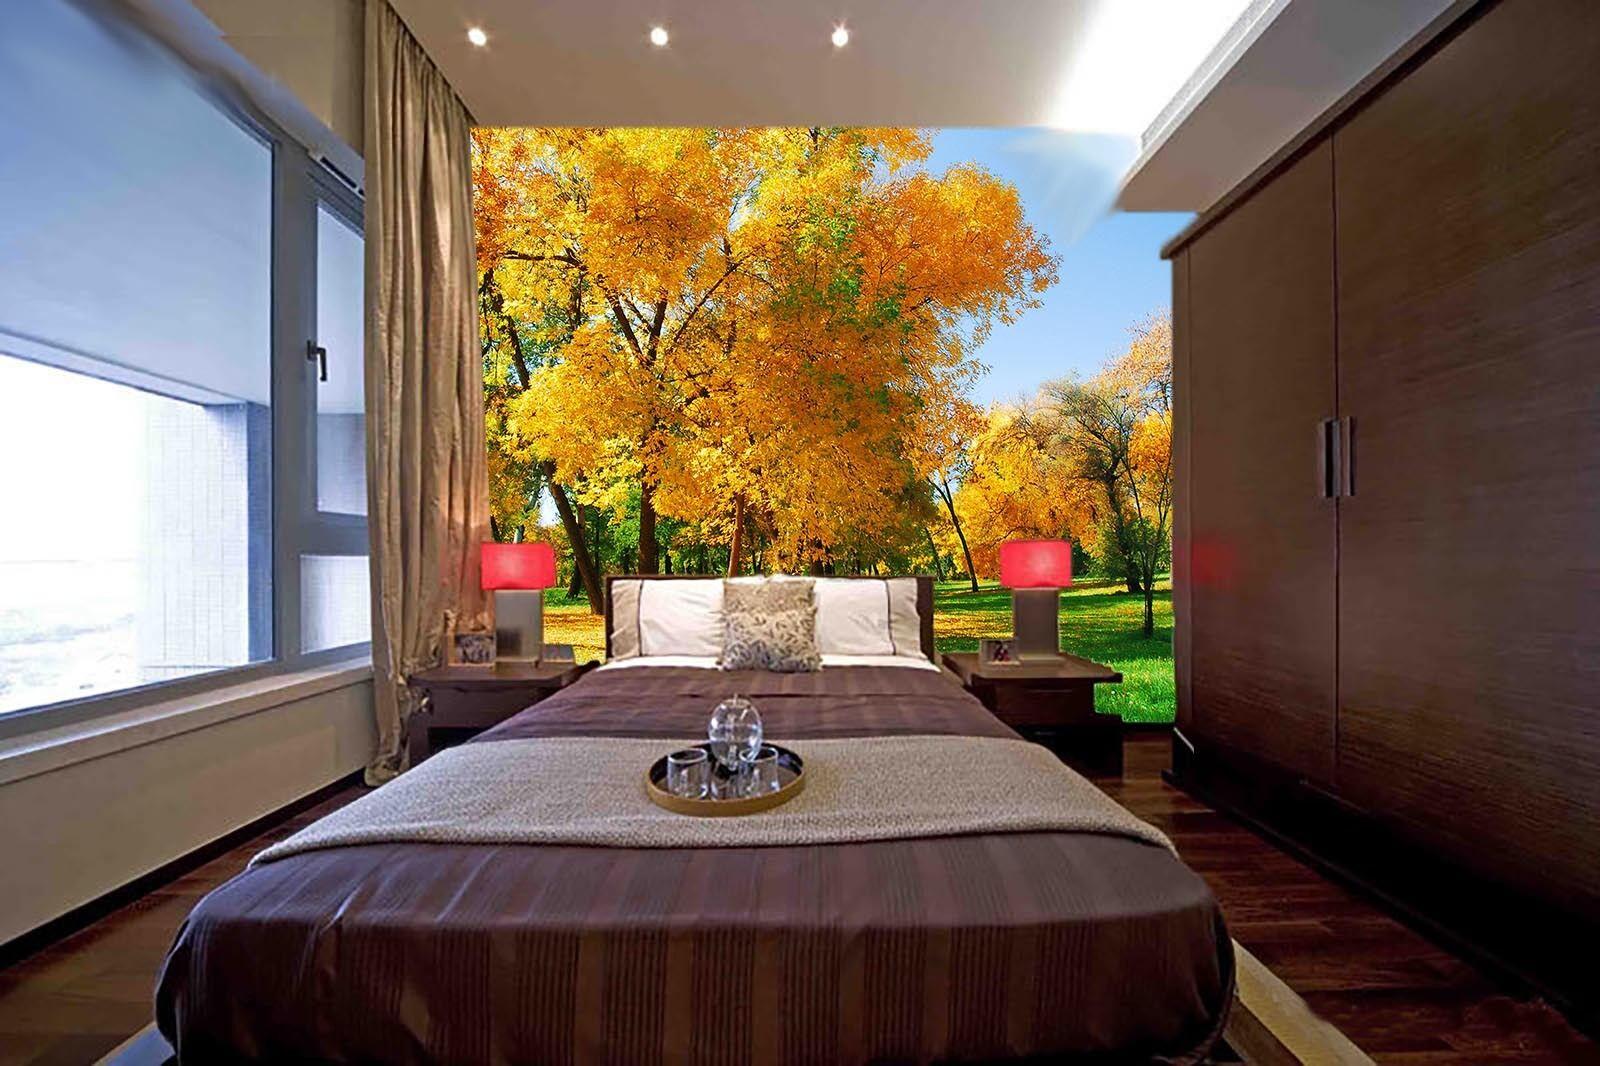 3D Wie bäume.068657 Fototapeten Wandbild Fototapete BildTapete Familie DE